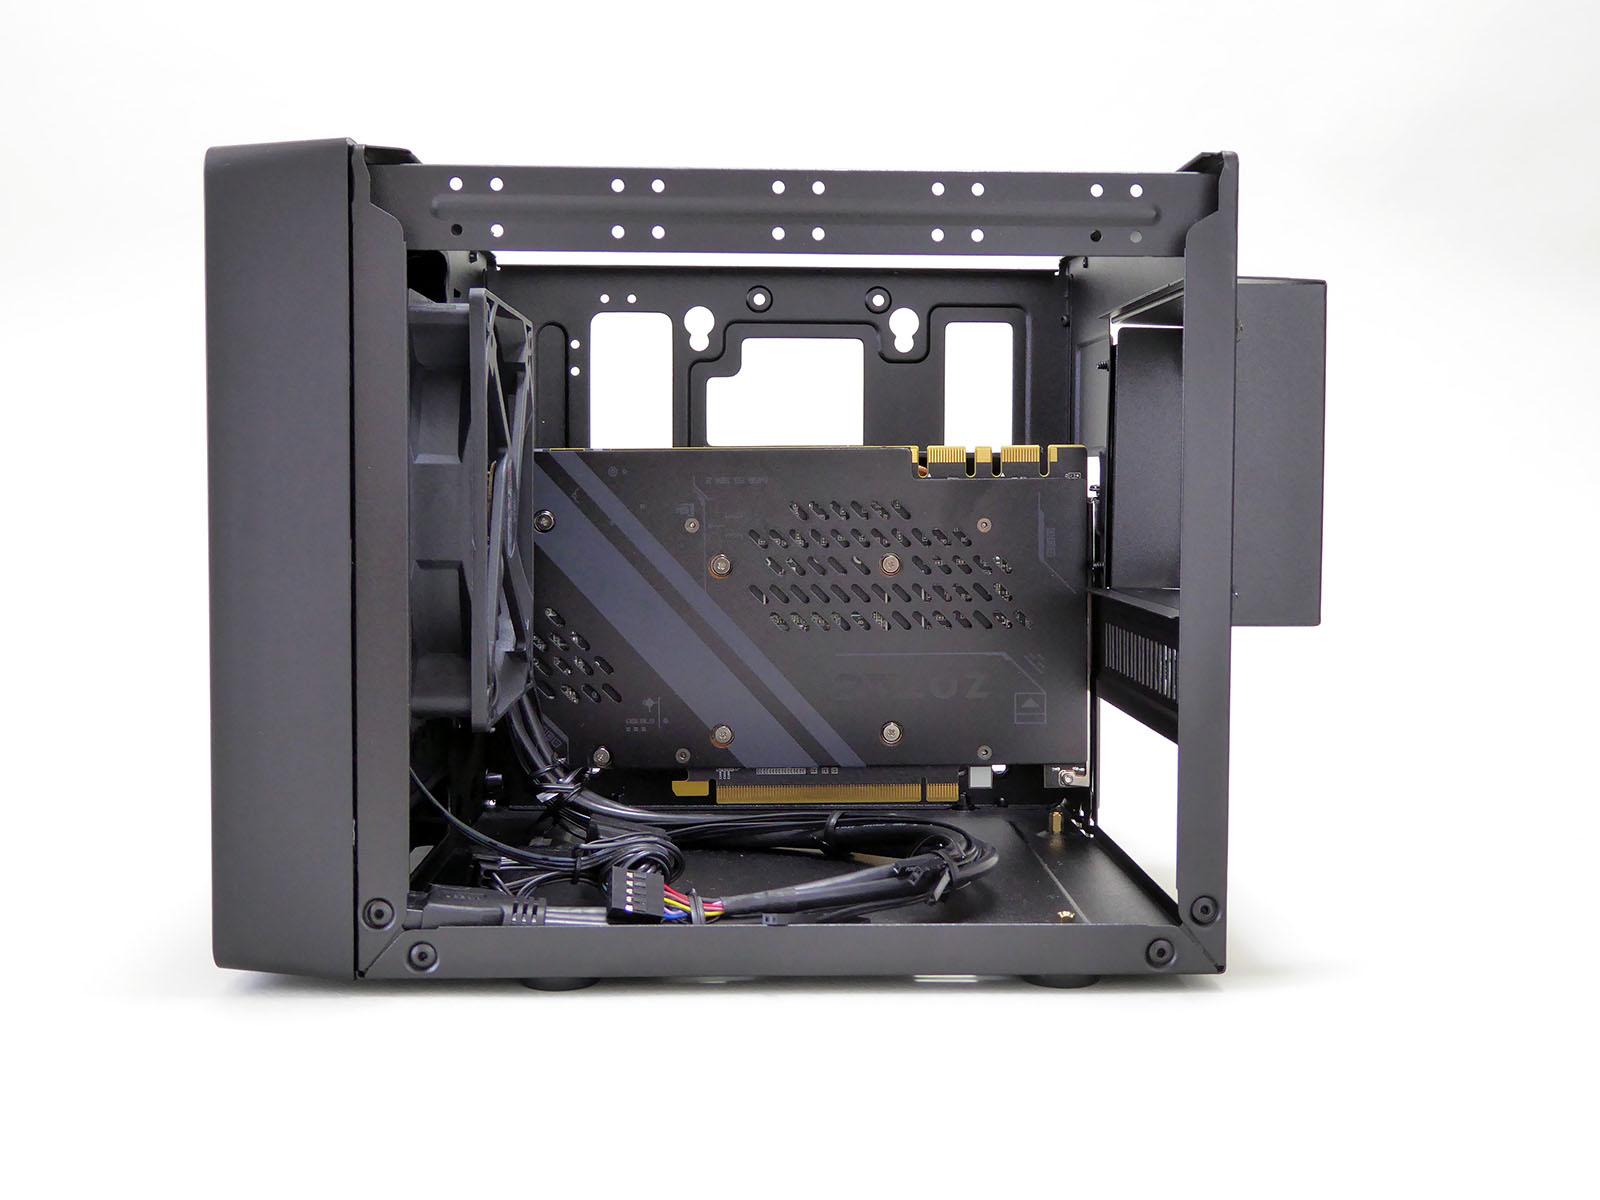 Elite 110 Cubeは斜めに挿入するなど工夫をすればギリギリ入るといった状況。マザーボードの拡張スロット周辺の部品の高さによっては干渉して入らない場合もある。